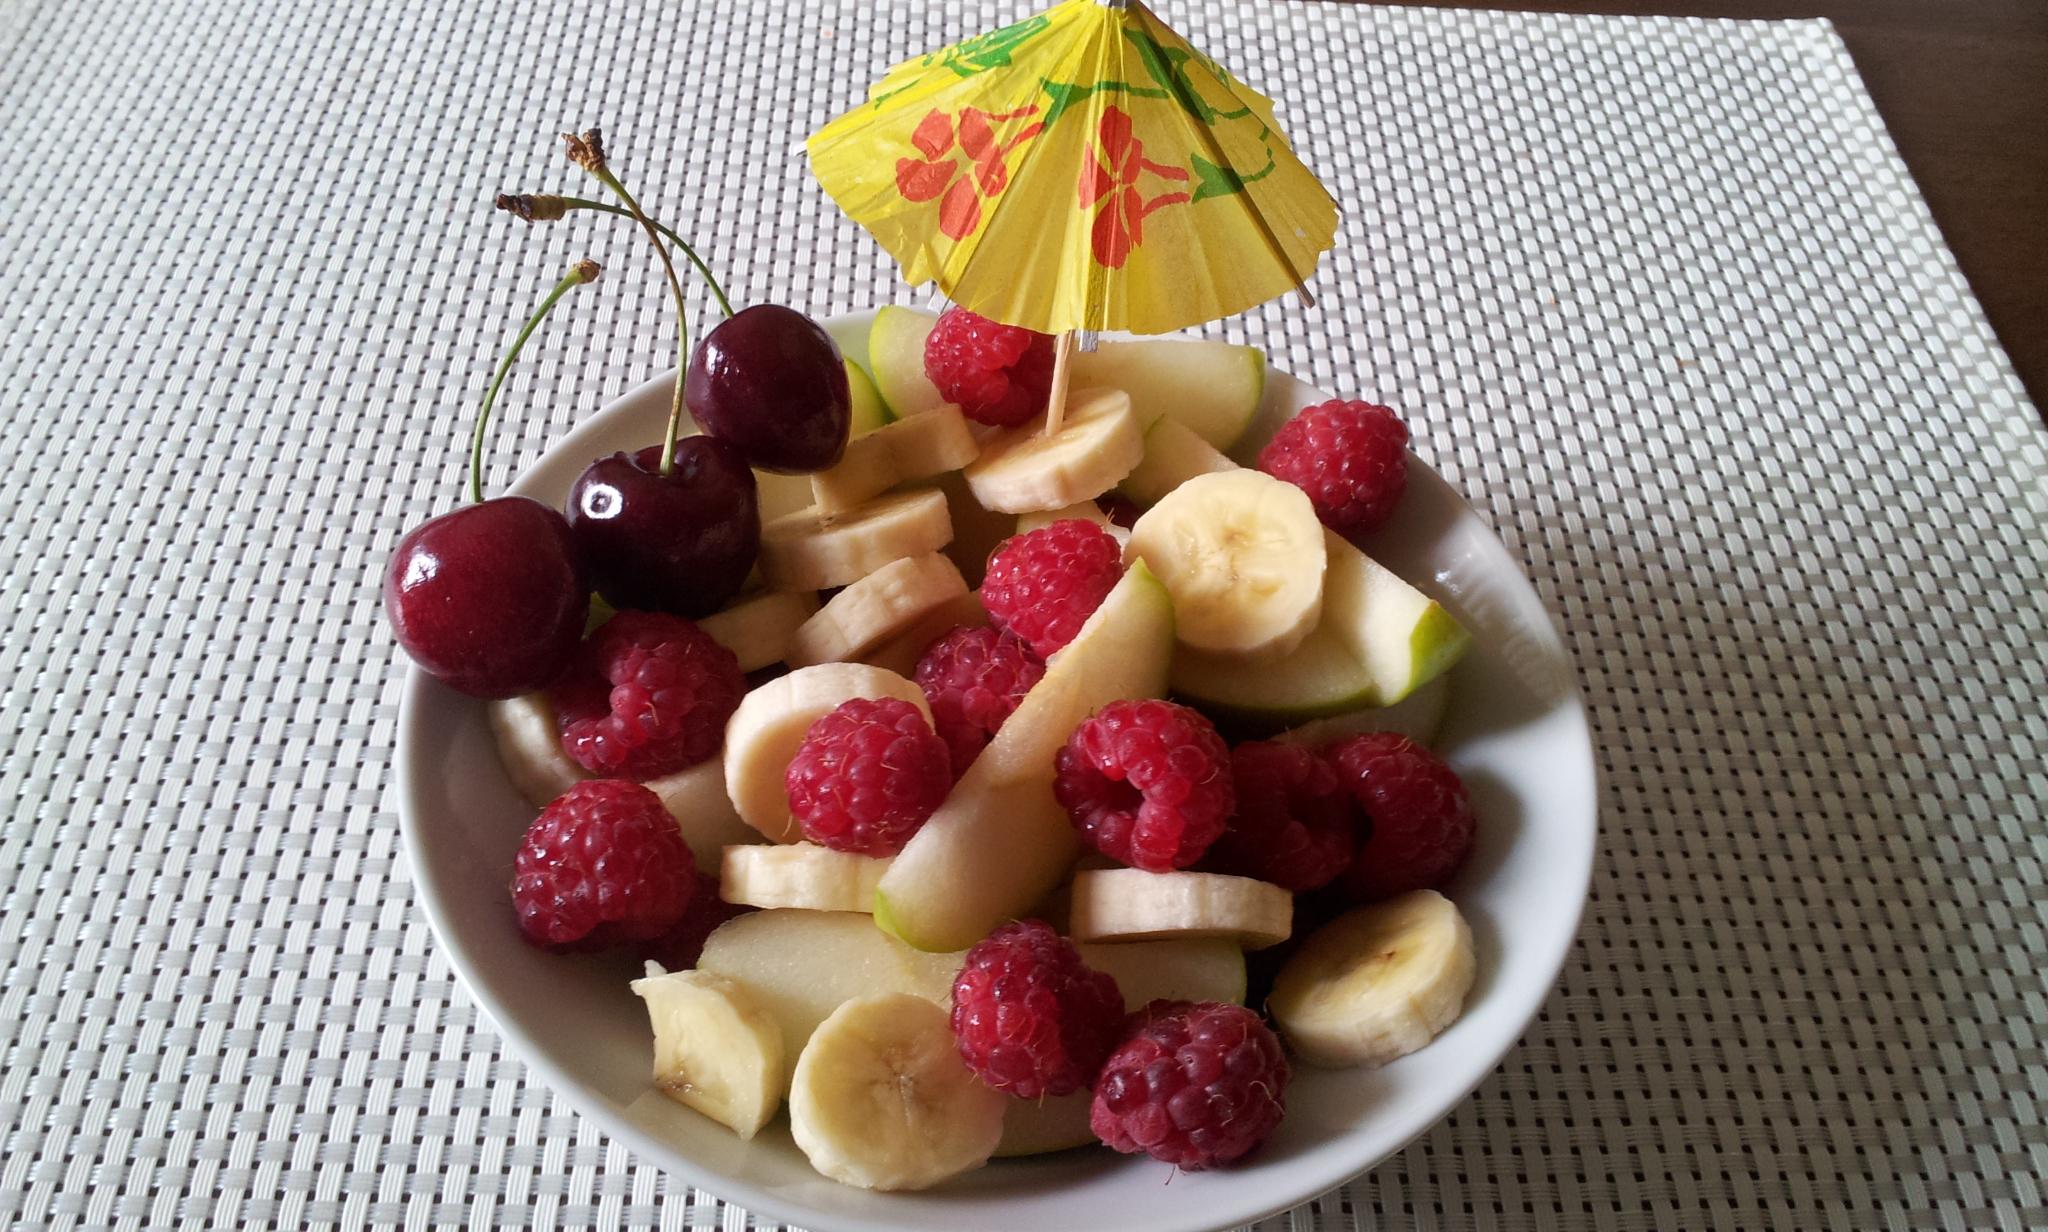 https://foodloader.net/Holz_2013-07-28_Obstsalat.jpg